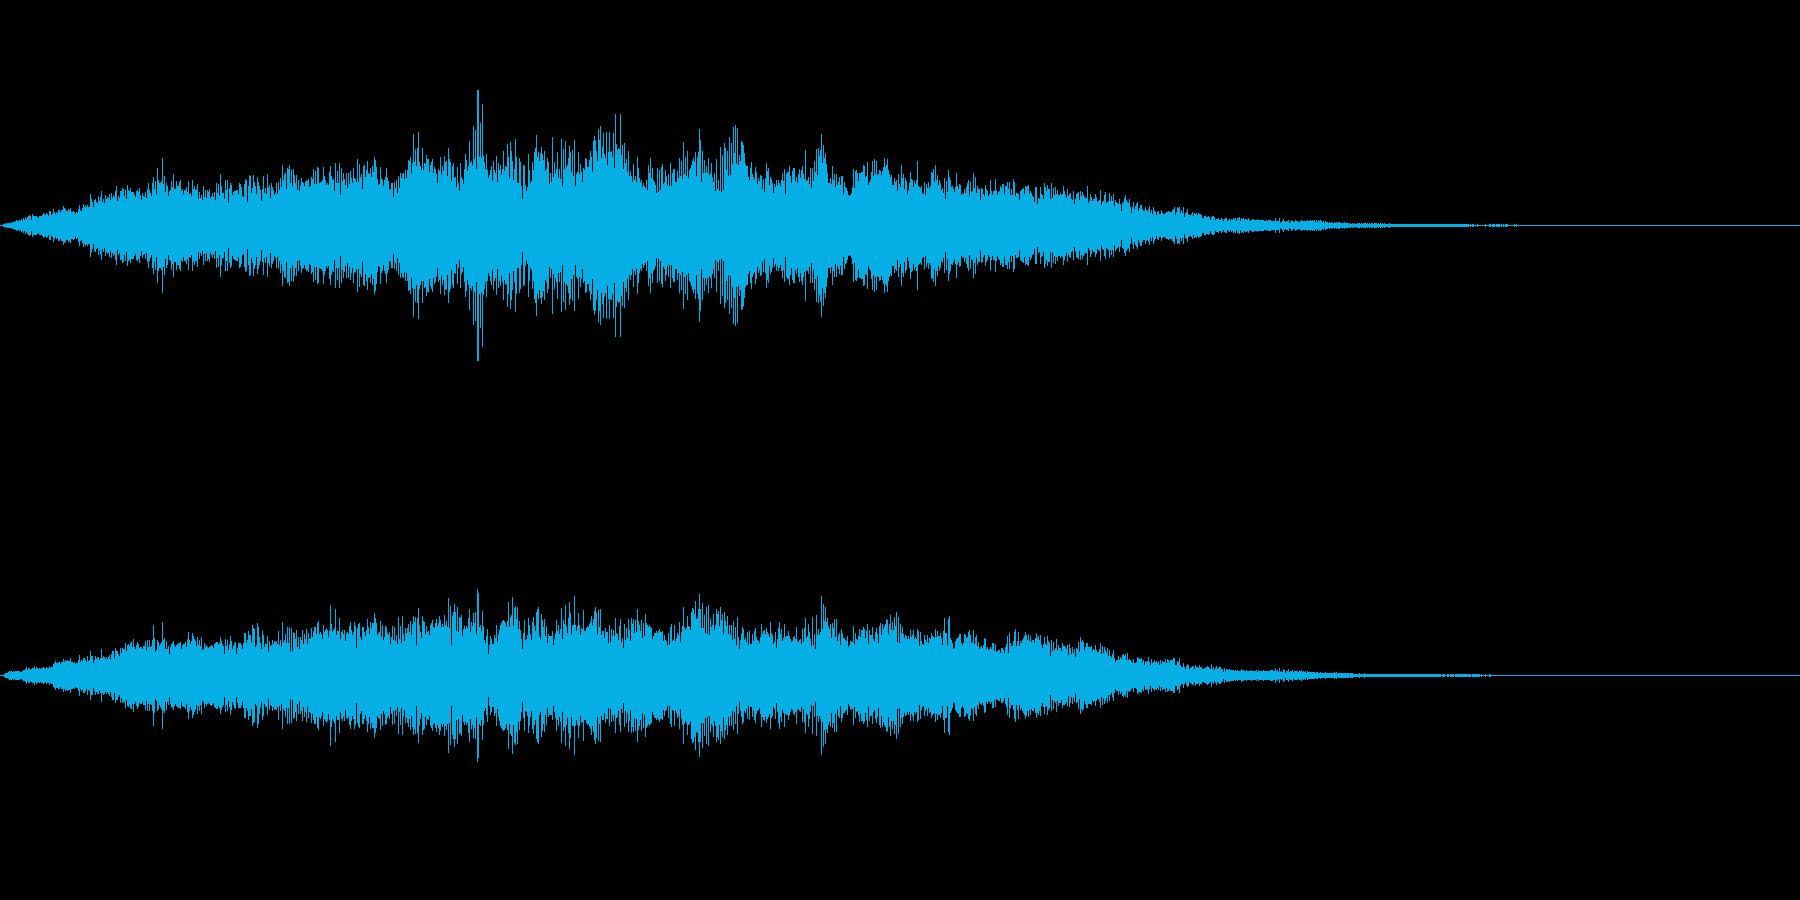 スペイシーな空間音 Dメジャーの再生済みの波形